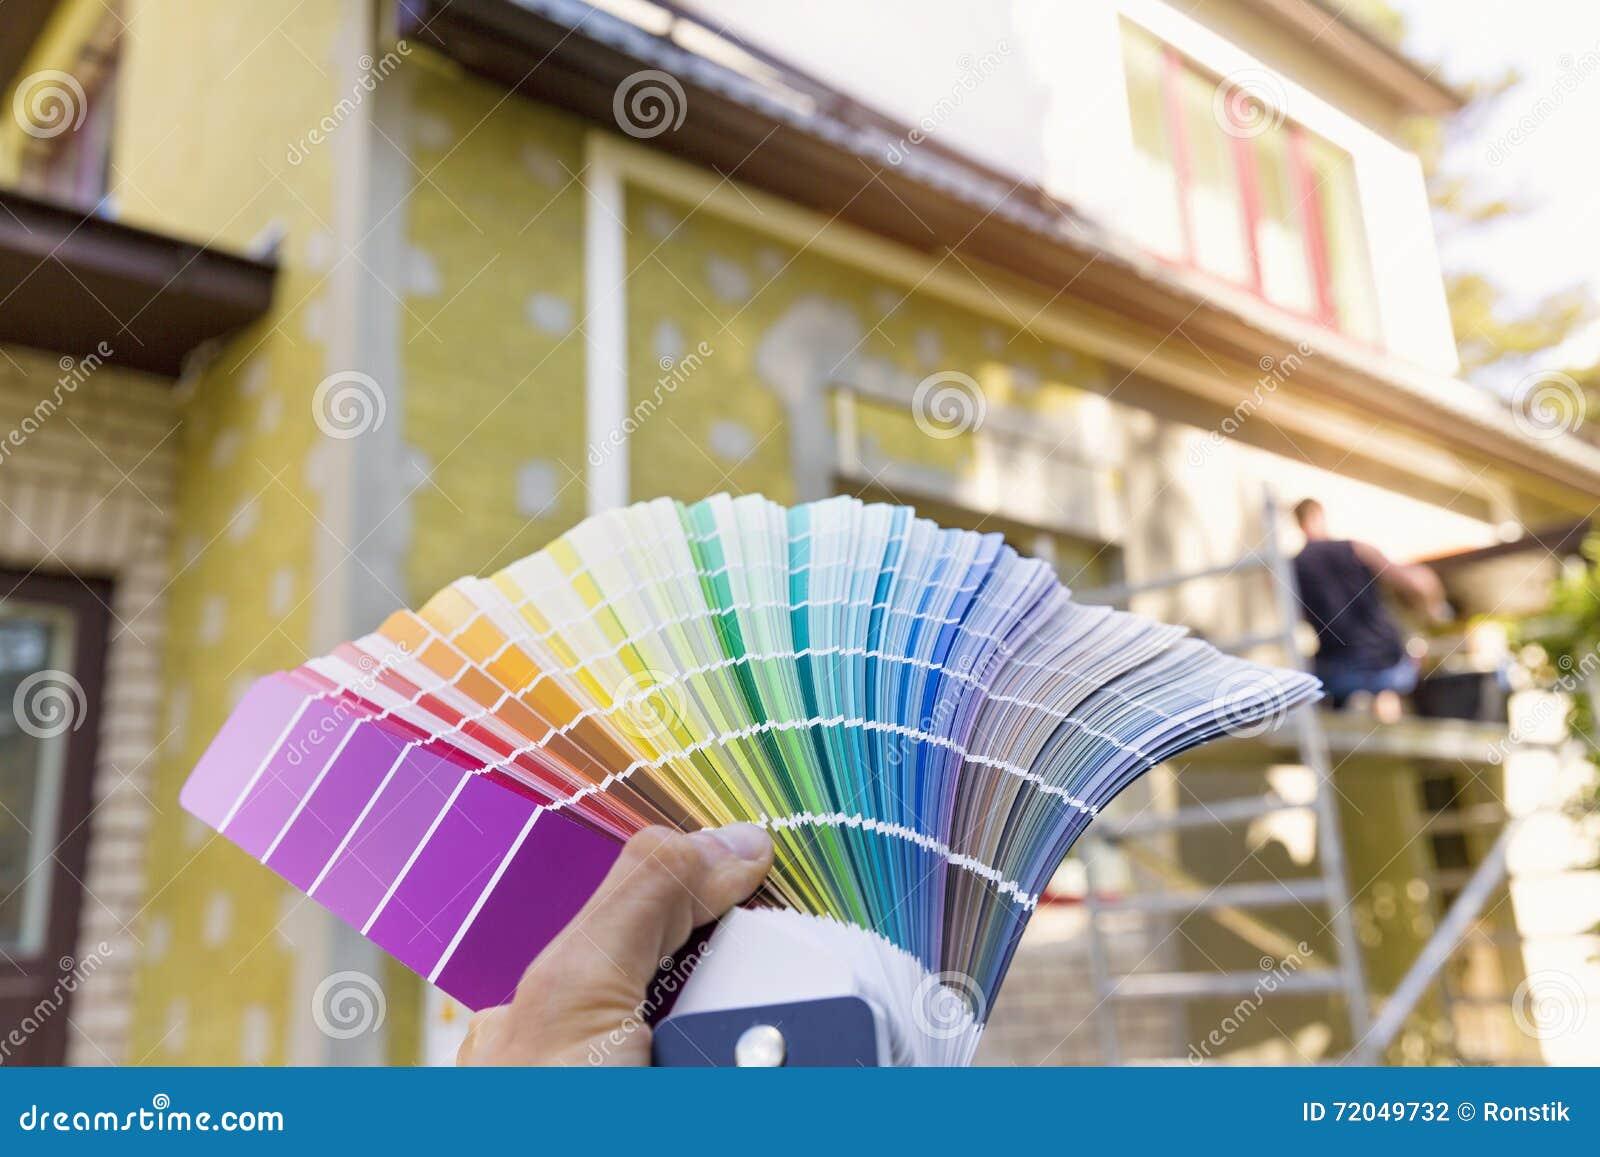 Scelta Colore Per Esterno Casa : Scelta del colore della pittura per esterno della casa fotografia